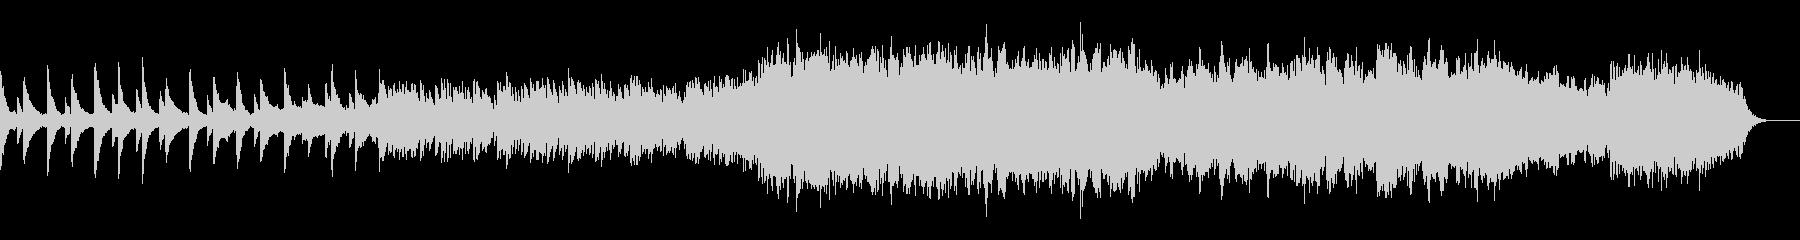 切ないピアノとストリングスのBGMの未再生の波形